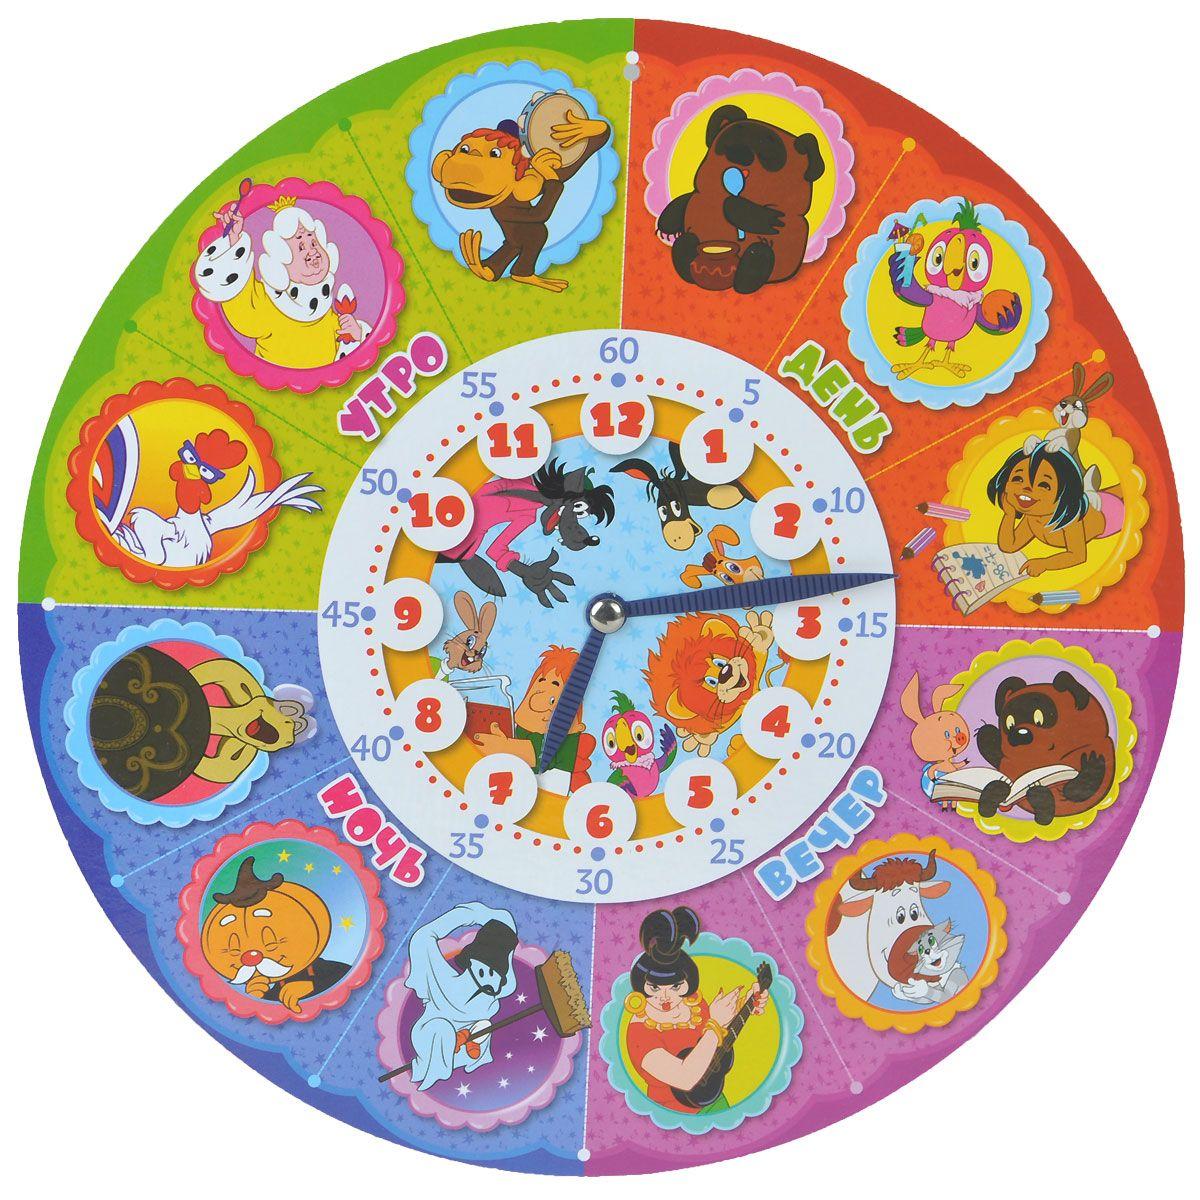 Влияет ли темперамент ребенка на идеальное время для детского сада?